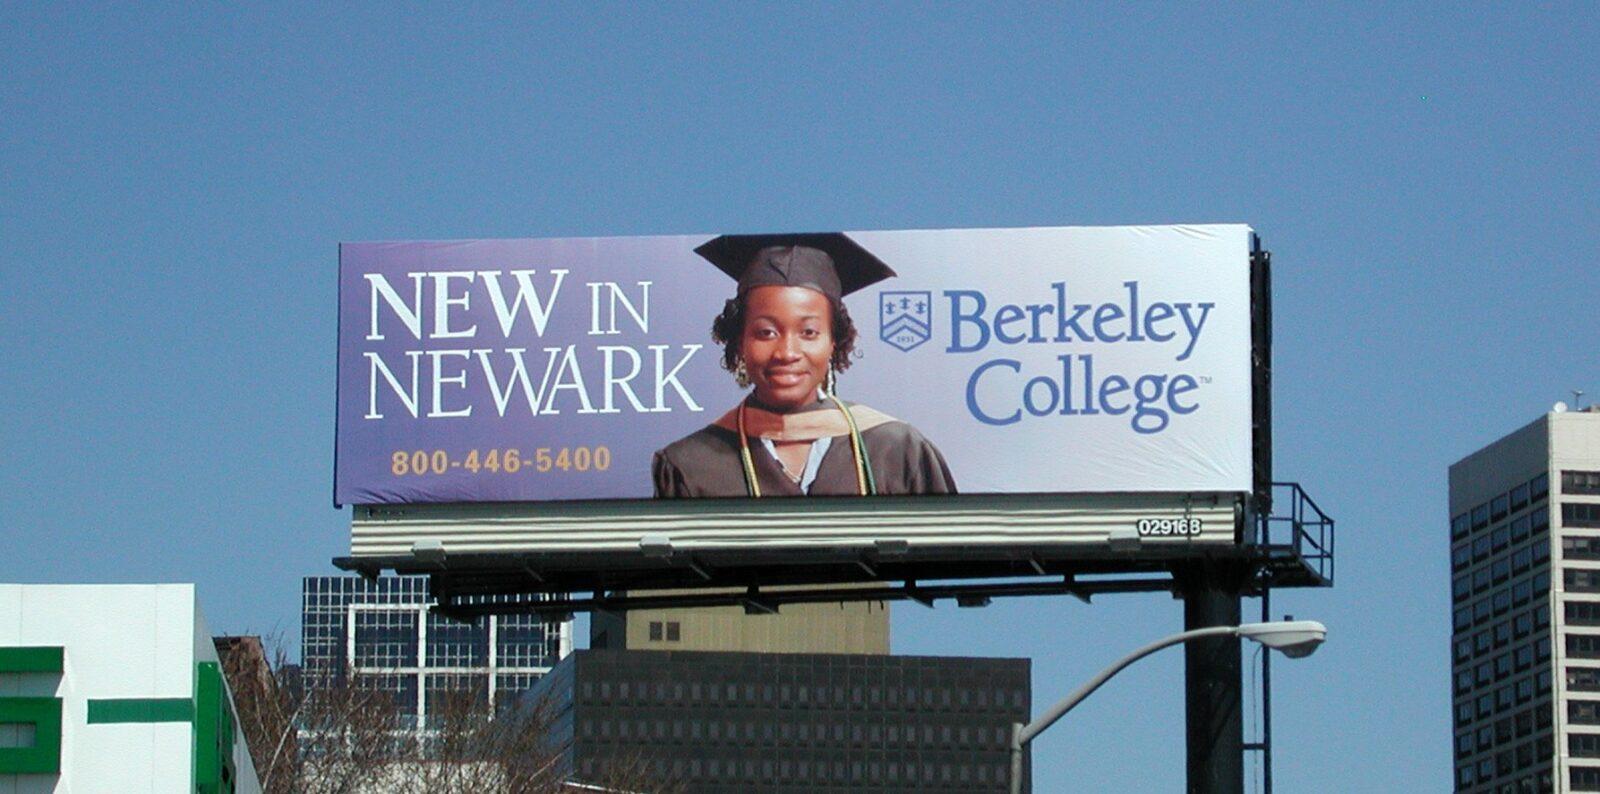 Berkeley College Billboard Advertising